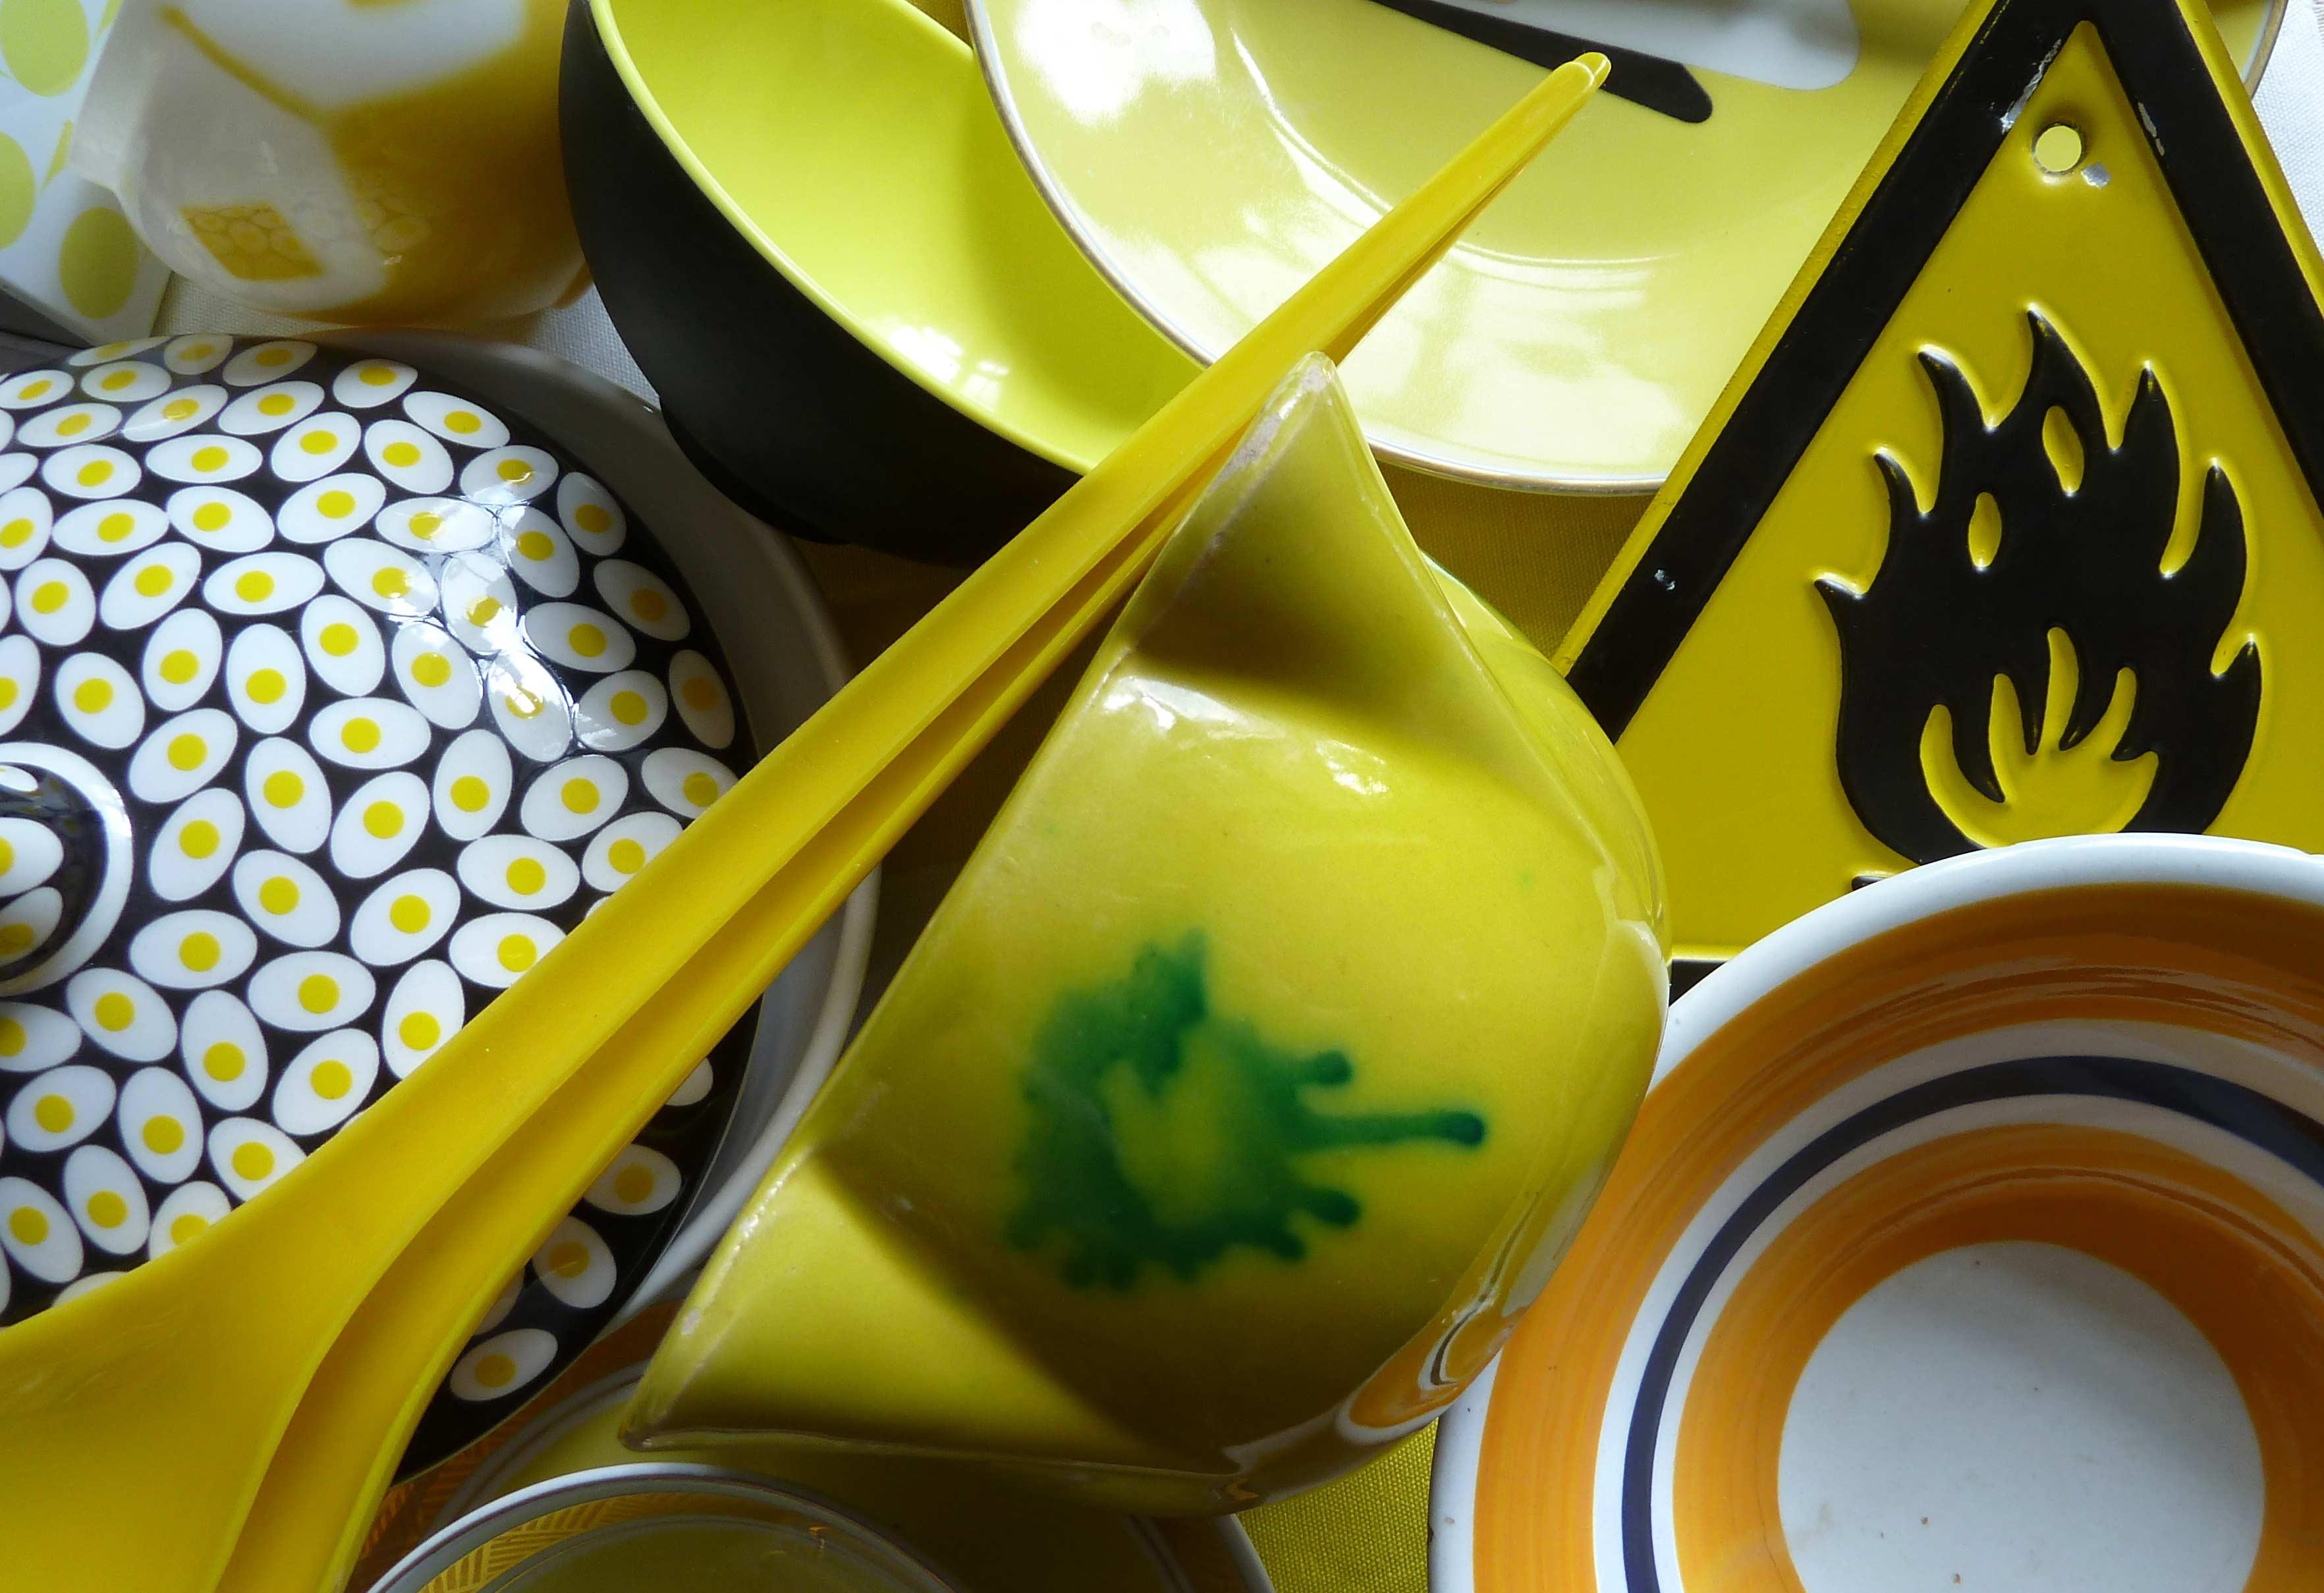 salatlöffel in Gelb